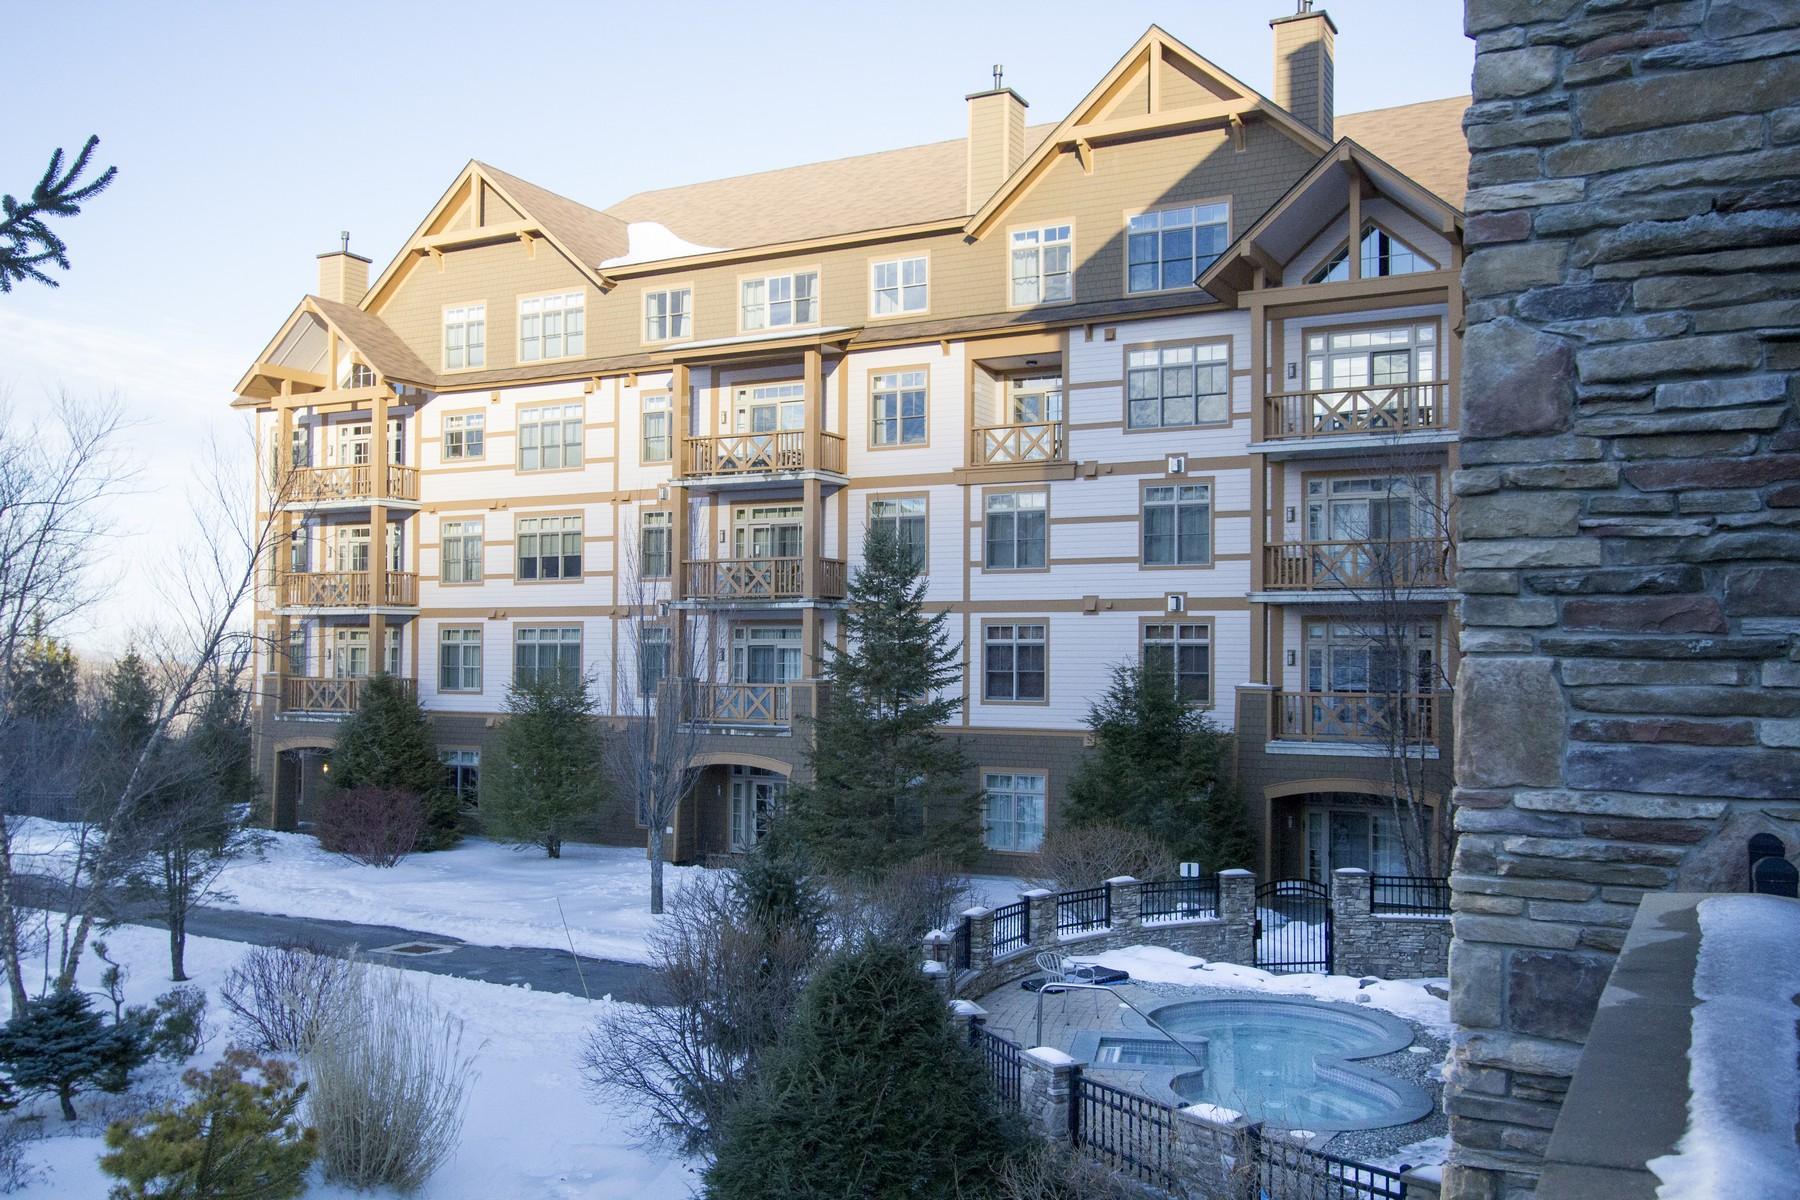 Condominium for Sale at 78 Middle Ridge Road 106, Stratton 78 Middle Ridge Rd 106 Stratton, Vermont 05155 United States